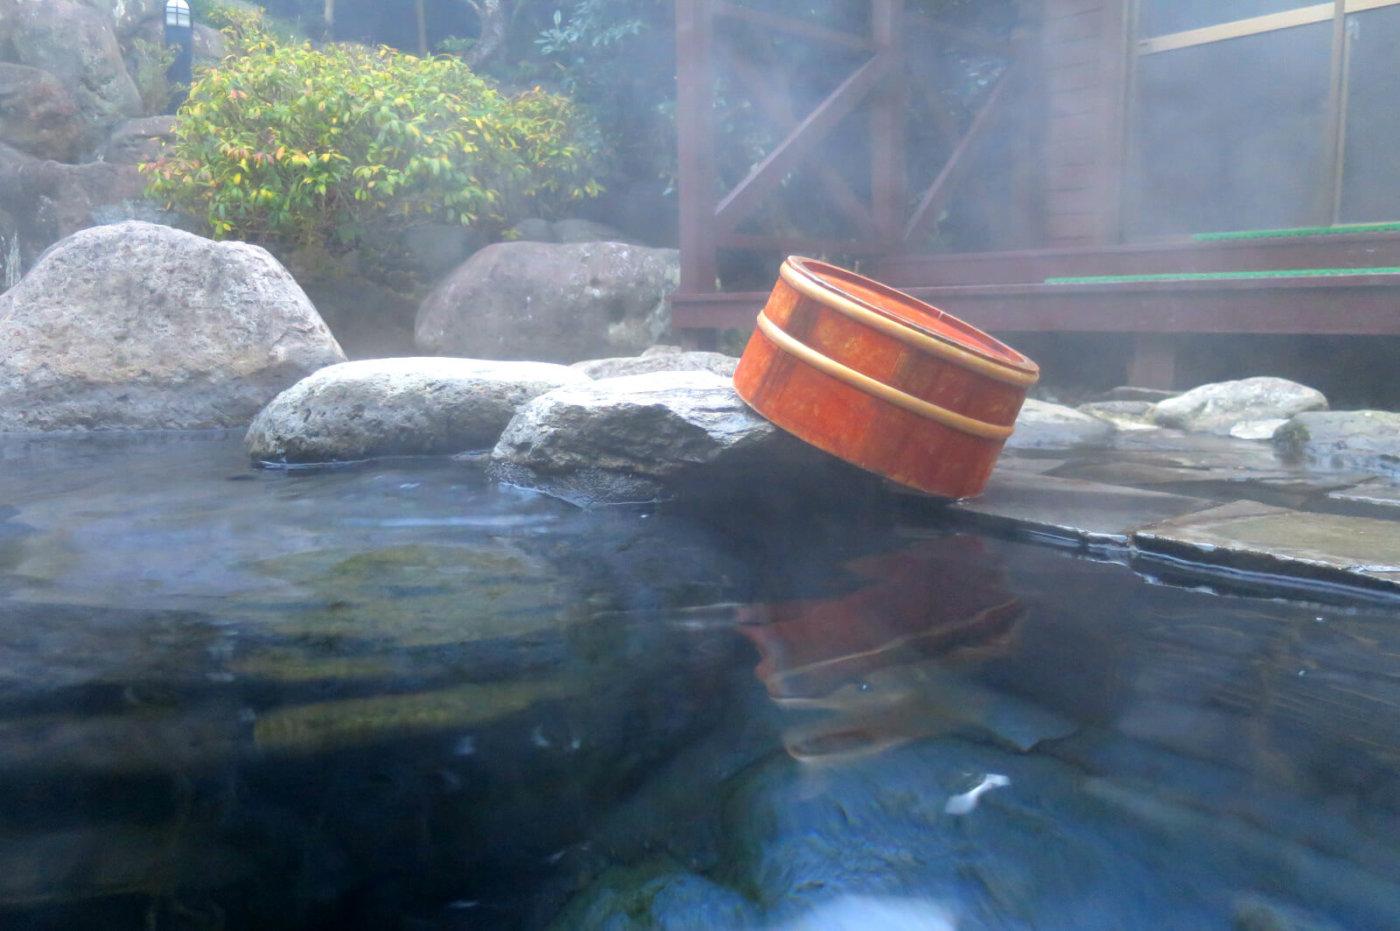 関東の温泉に、安い宿泊料金で泊まりたい!